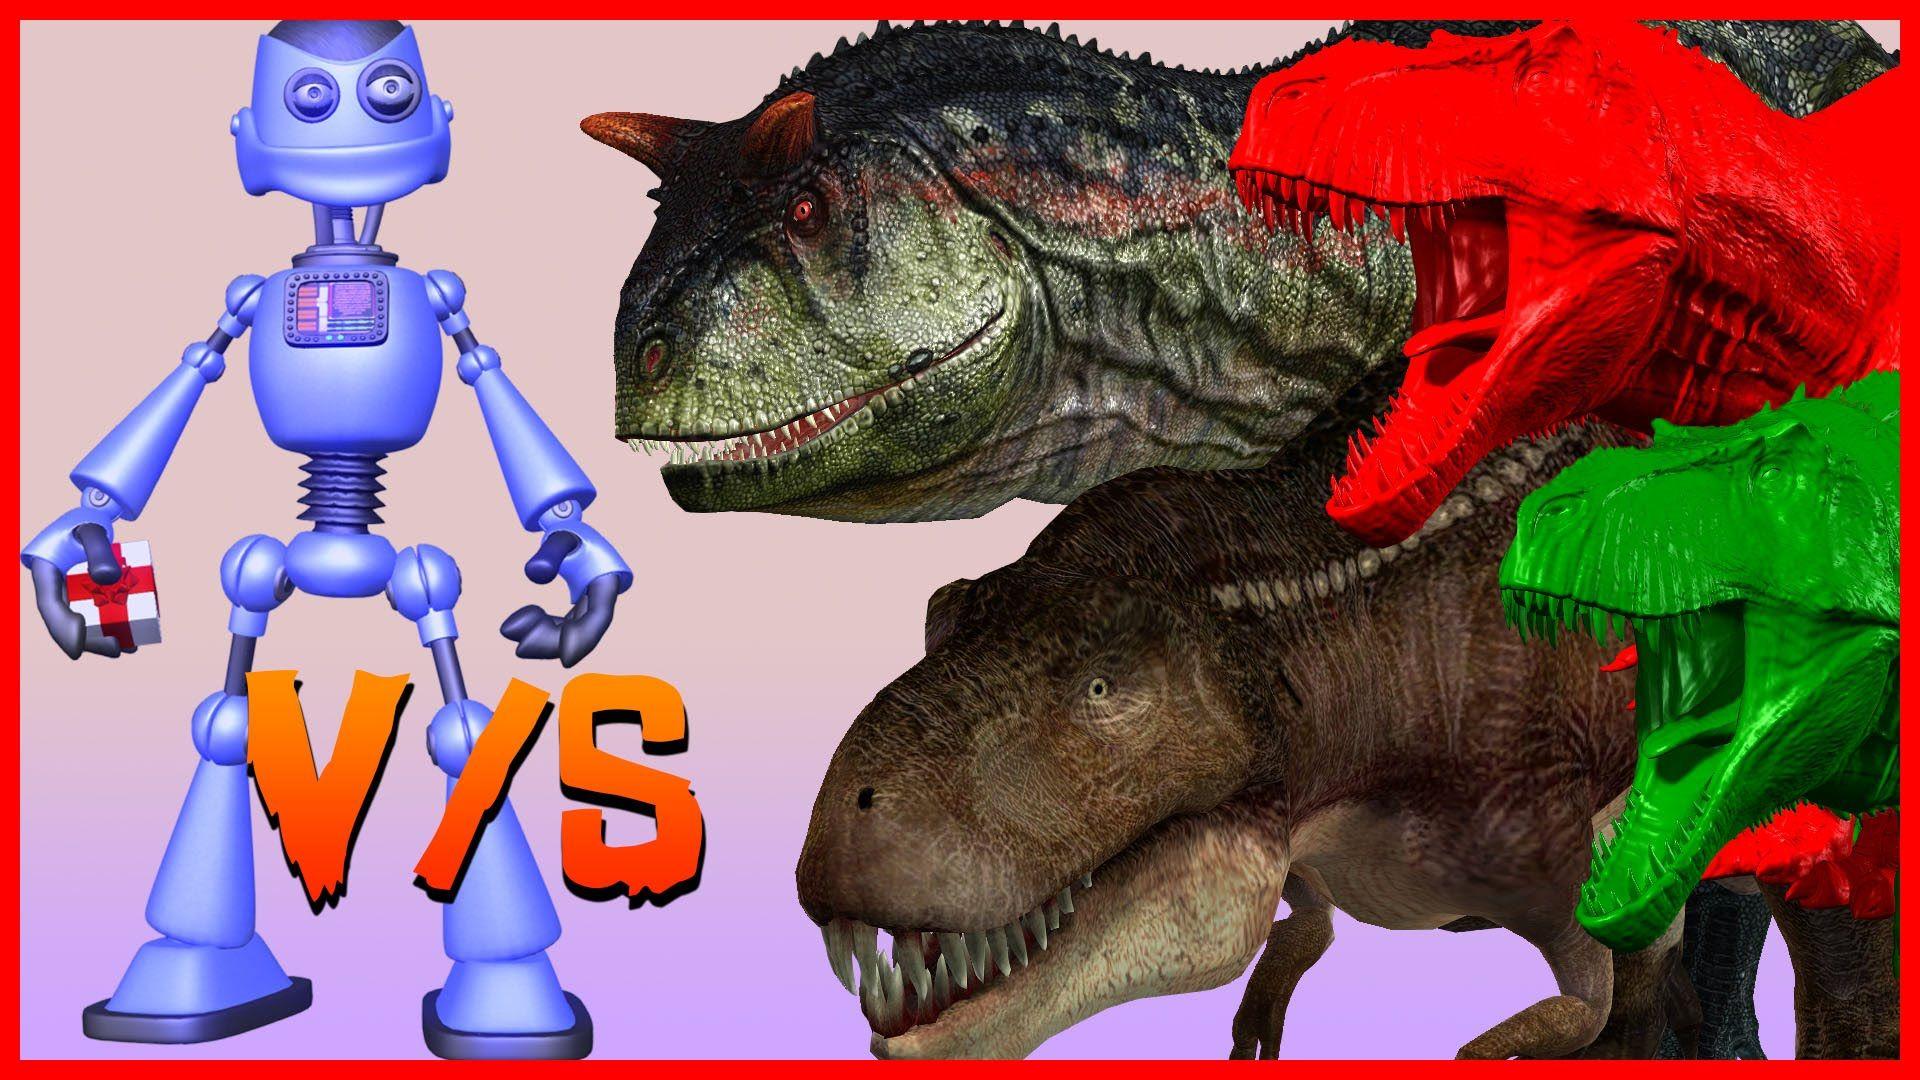 3D Dinosaurs V/S Robo Cartoon 3D Short Movie For Children